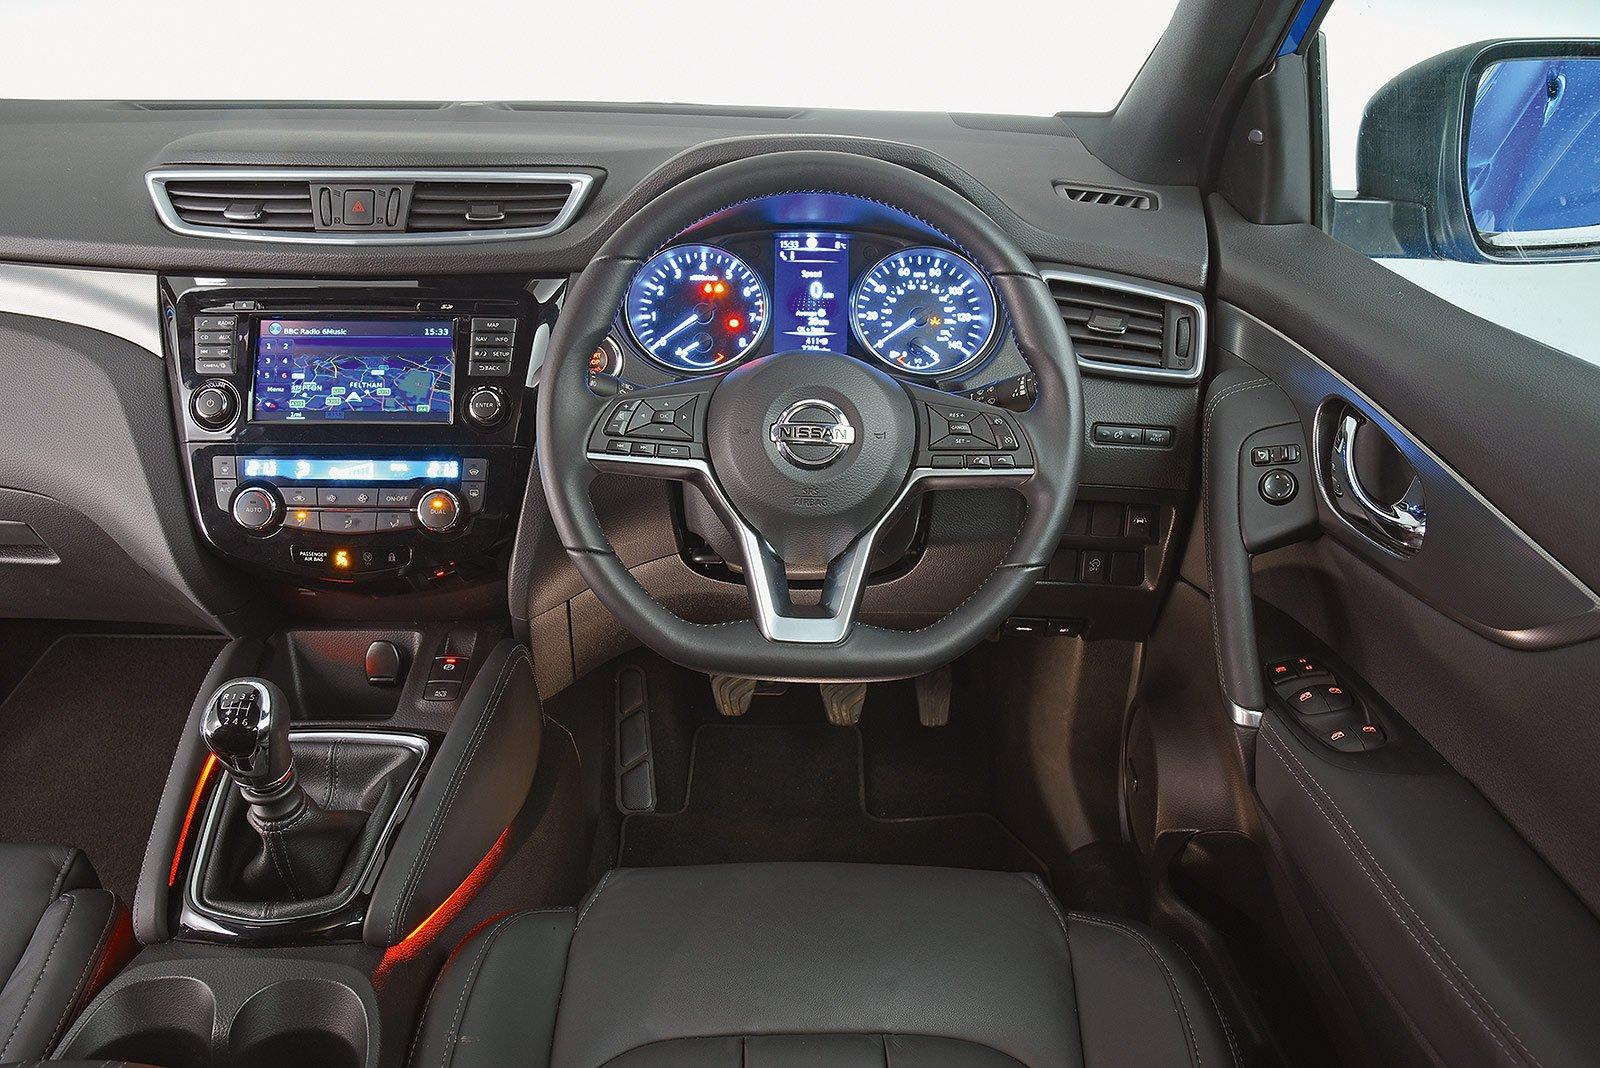 Nissan QASHQAI 1.5 DCI 115 ACENTA PREMIUM 5DR - interior